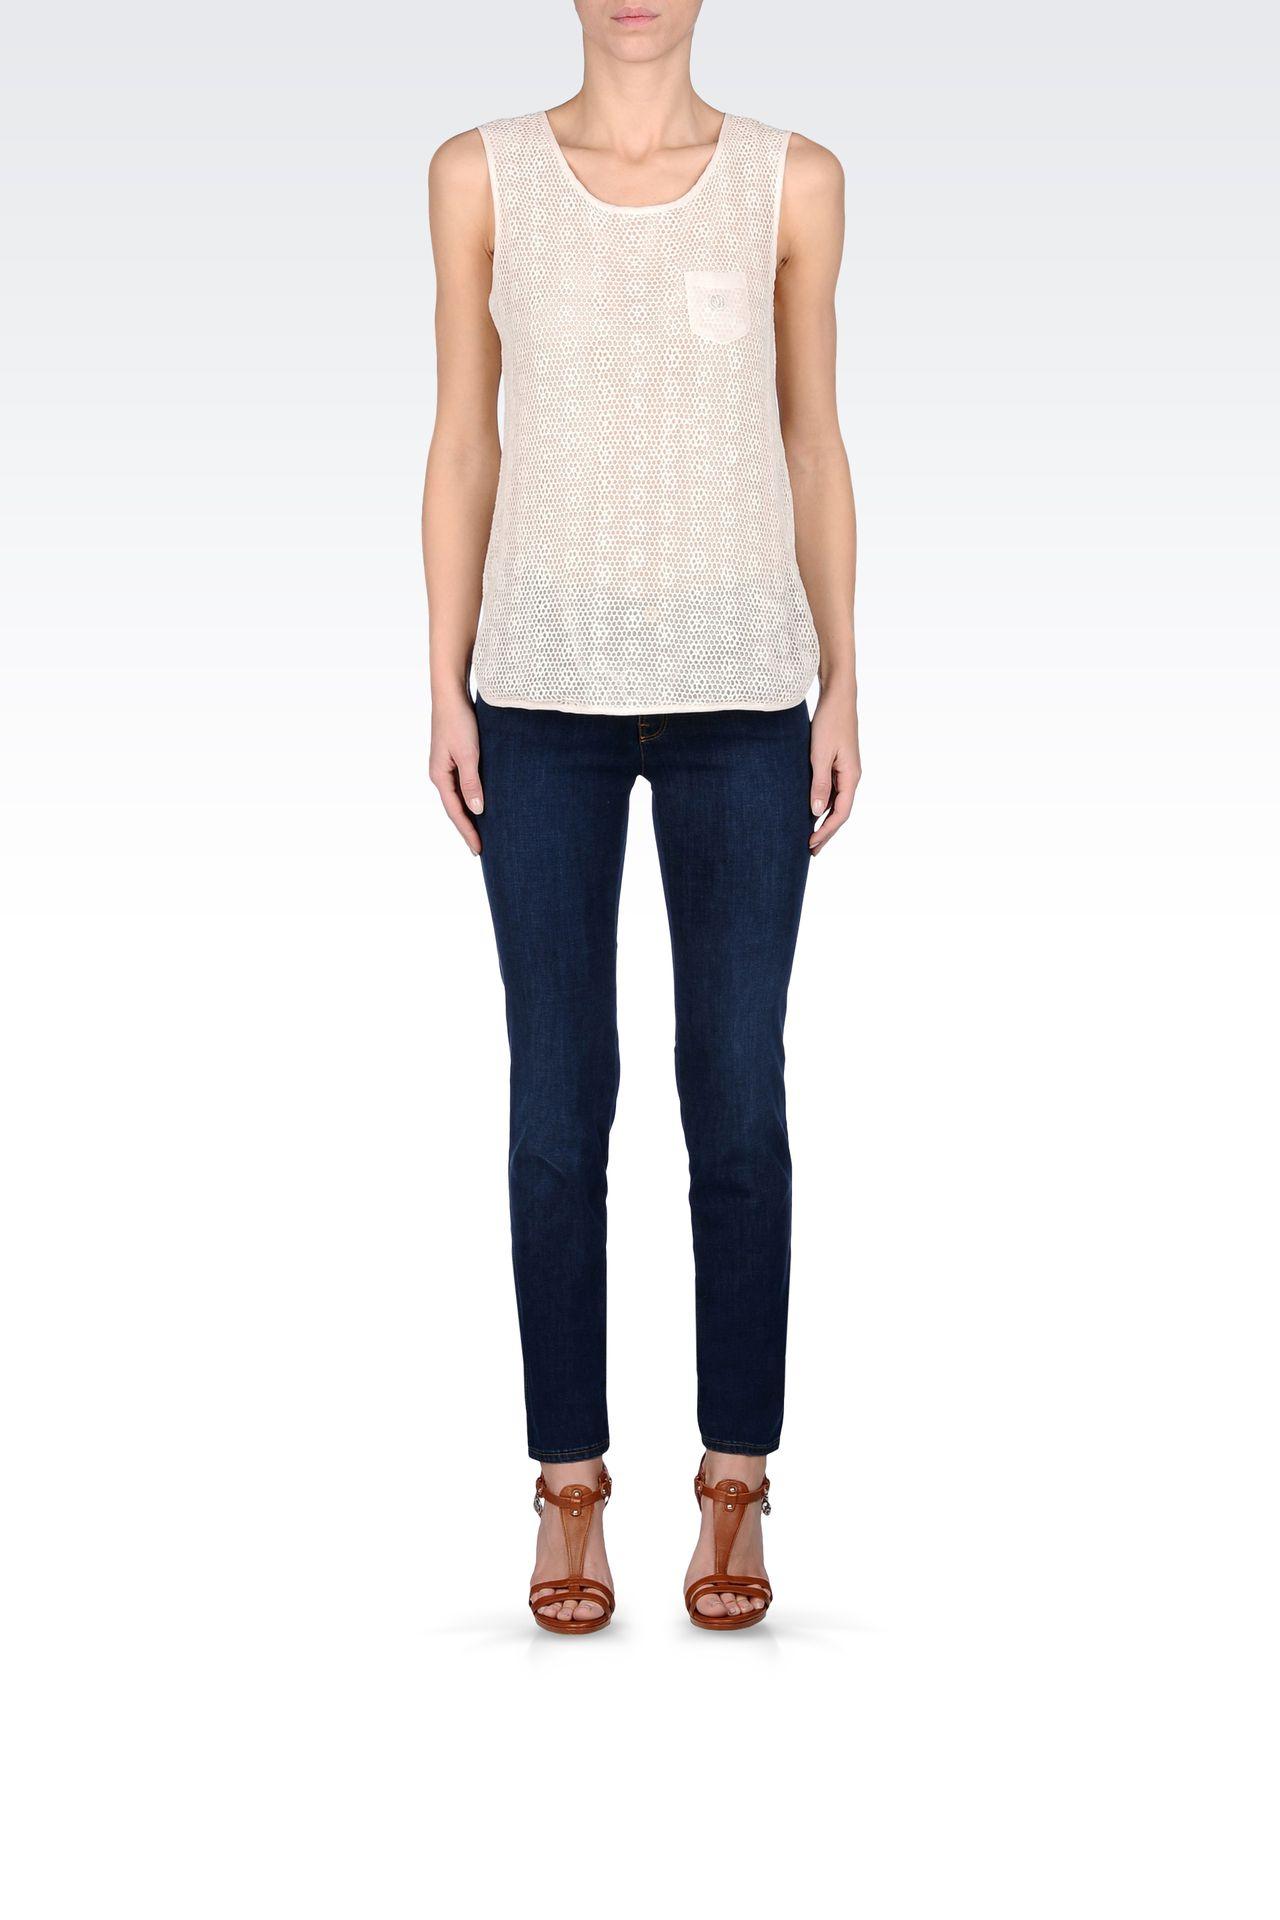 SKINNY JEANS IN STRETCH DENIM: Jeans Women by Armani - 0